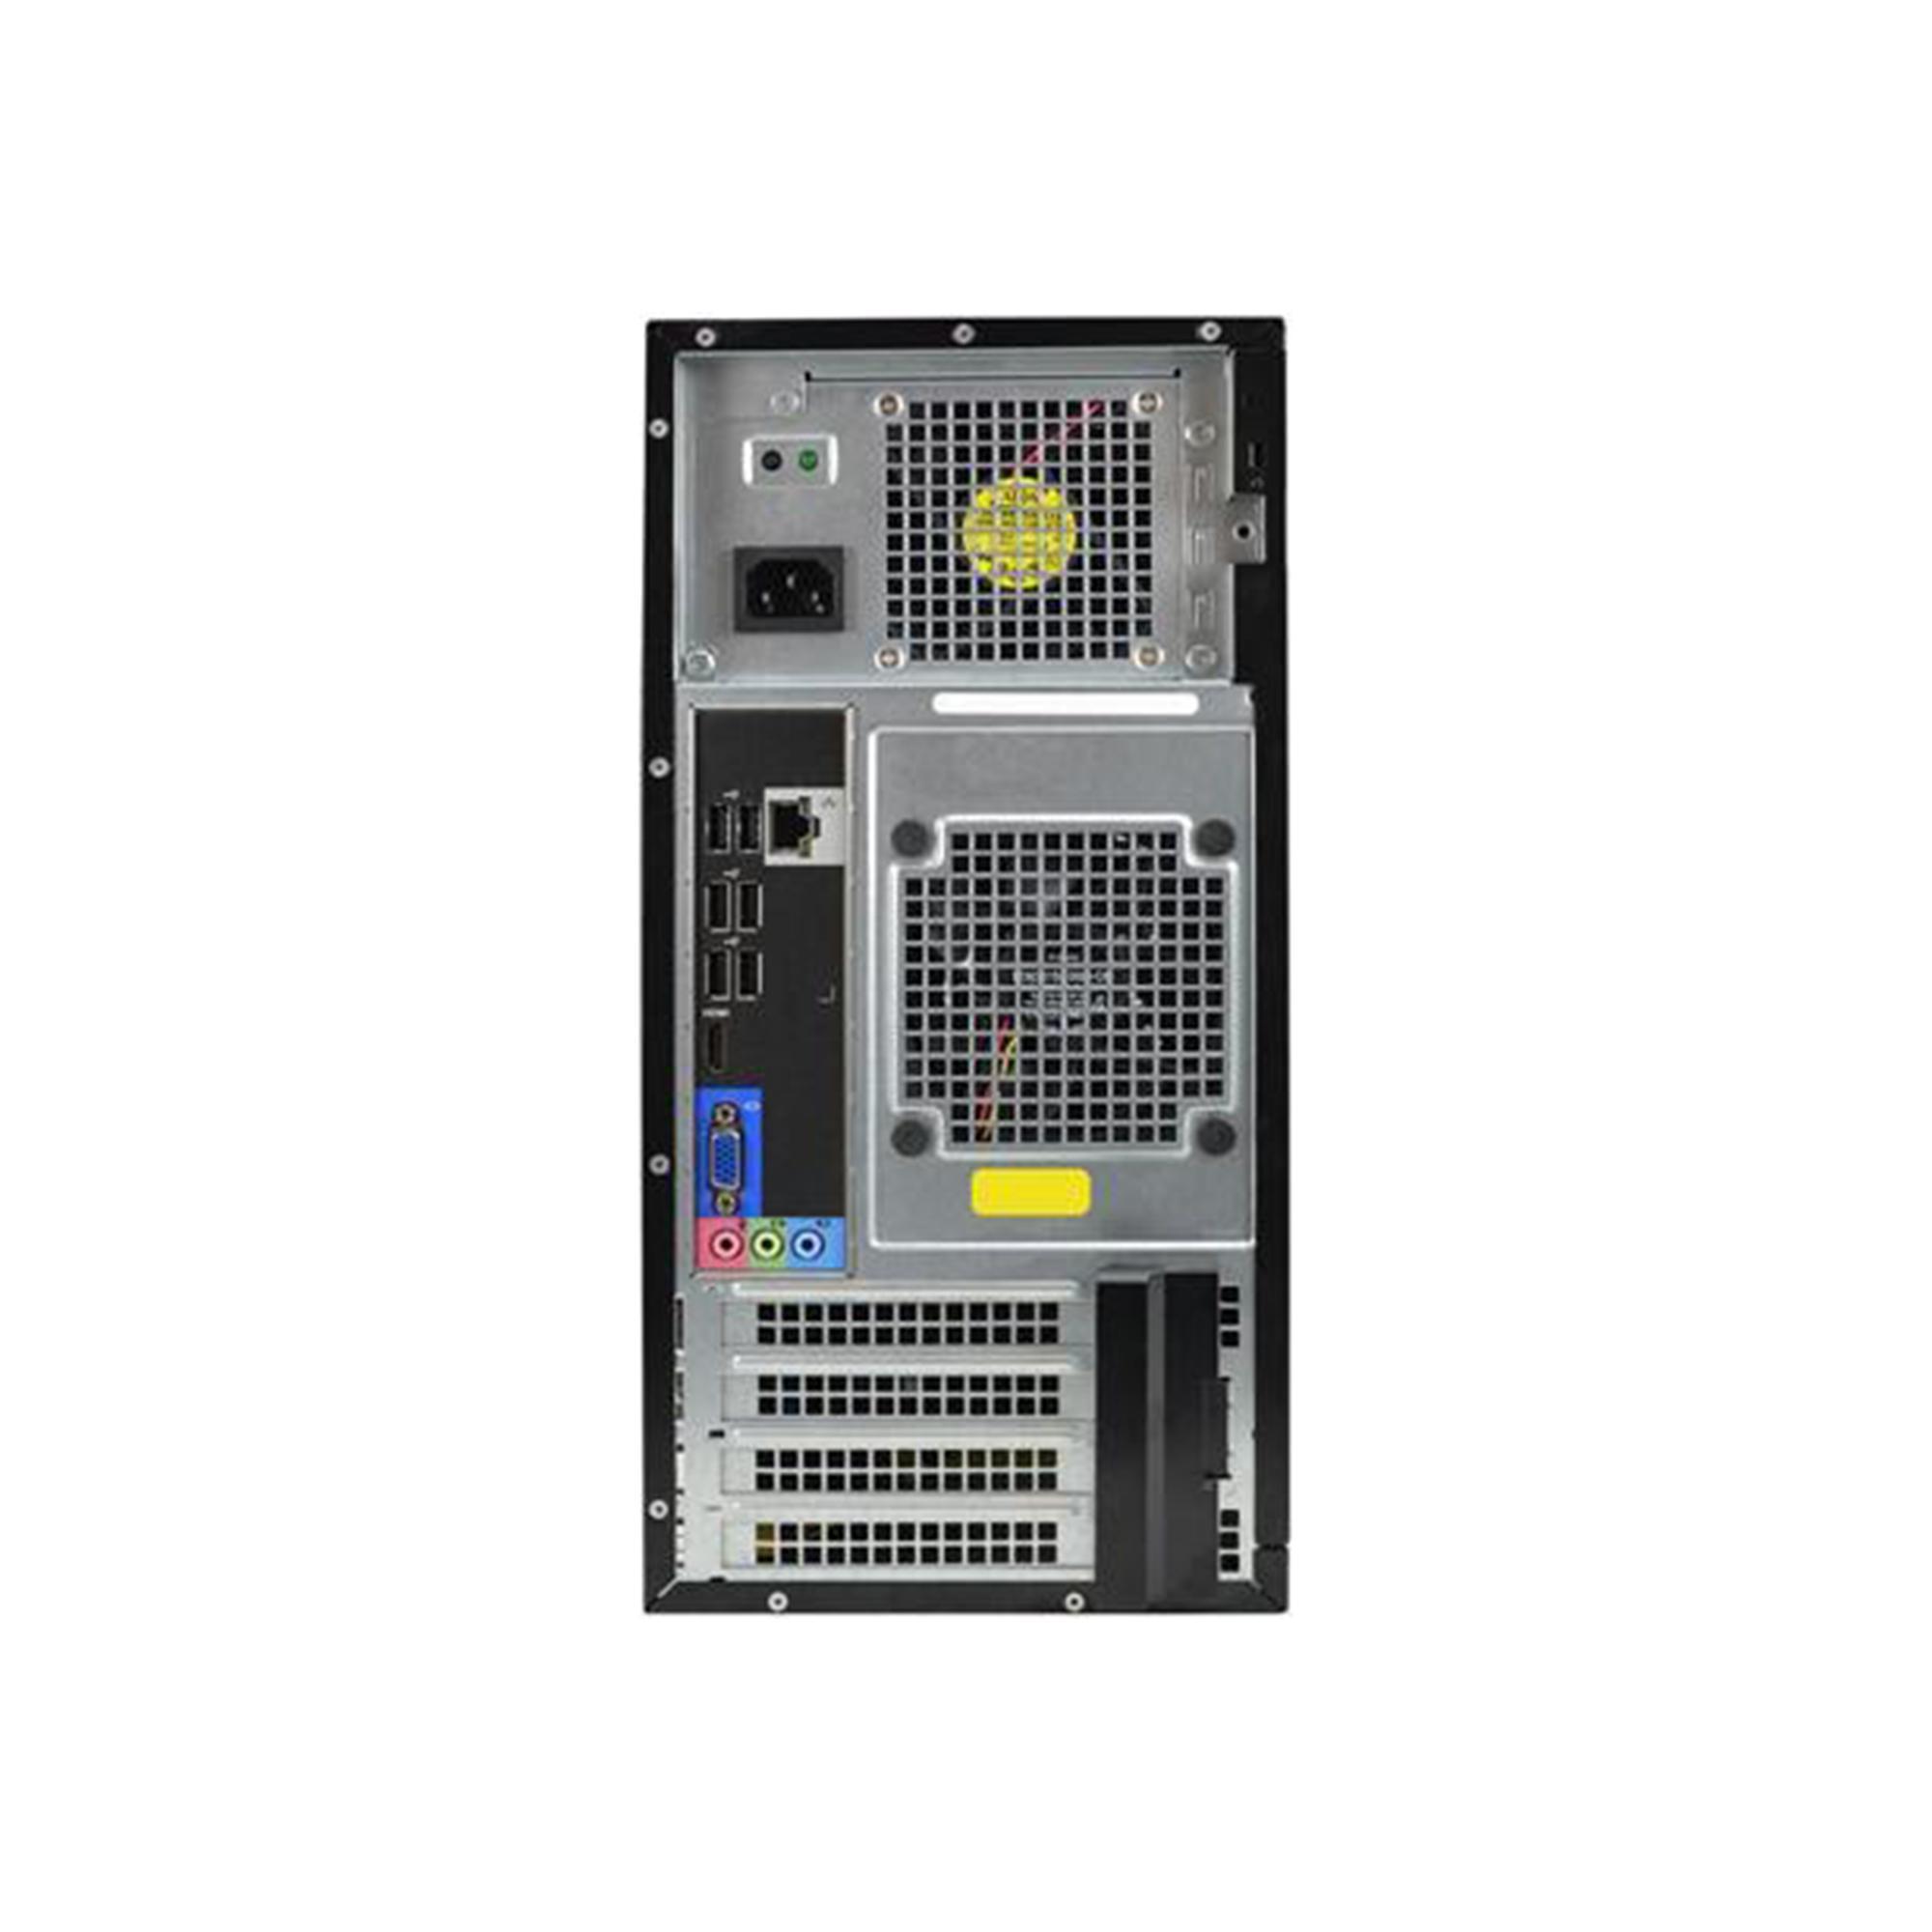 Dell Optiplex 3010 MT Core i5 3.2 GHz - SSD 256 GB RAM 8GB